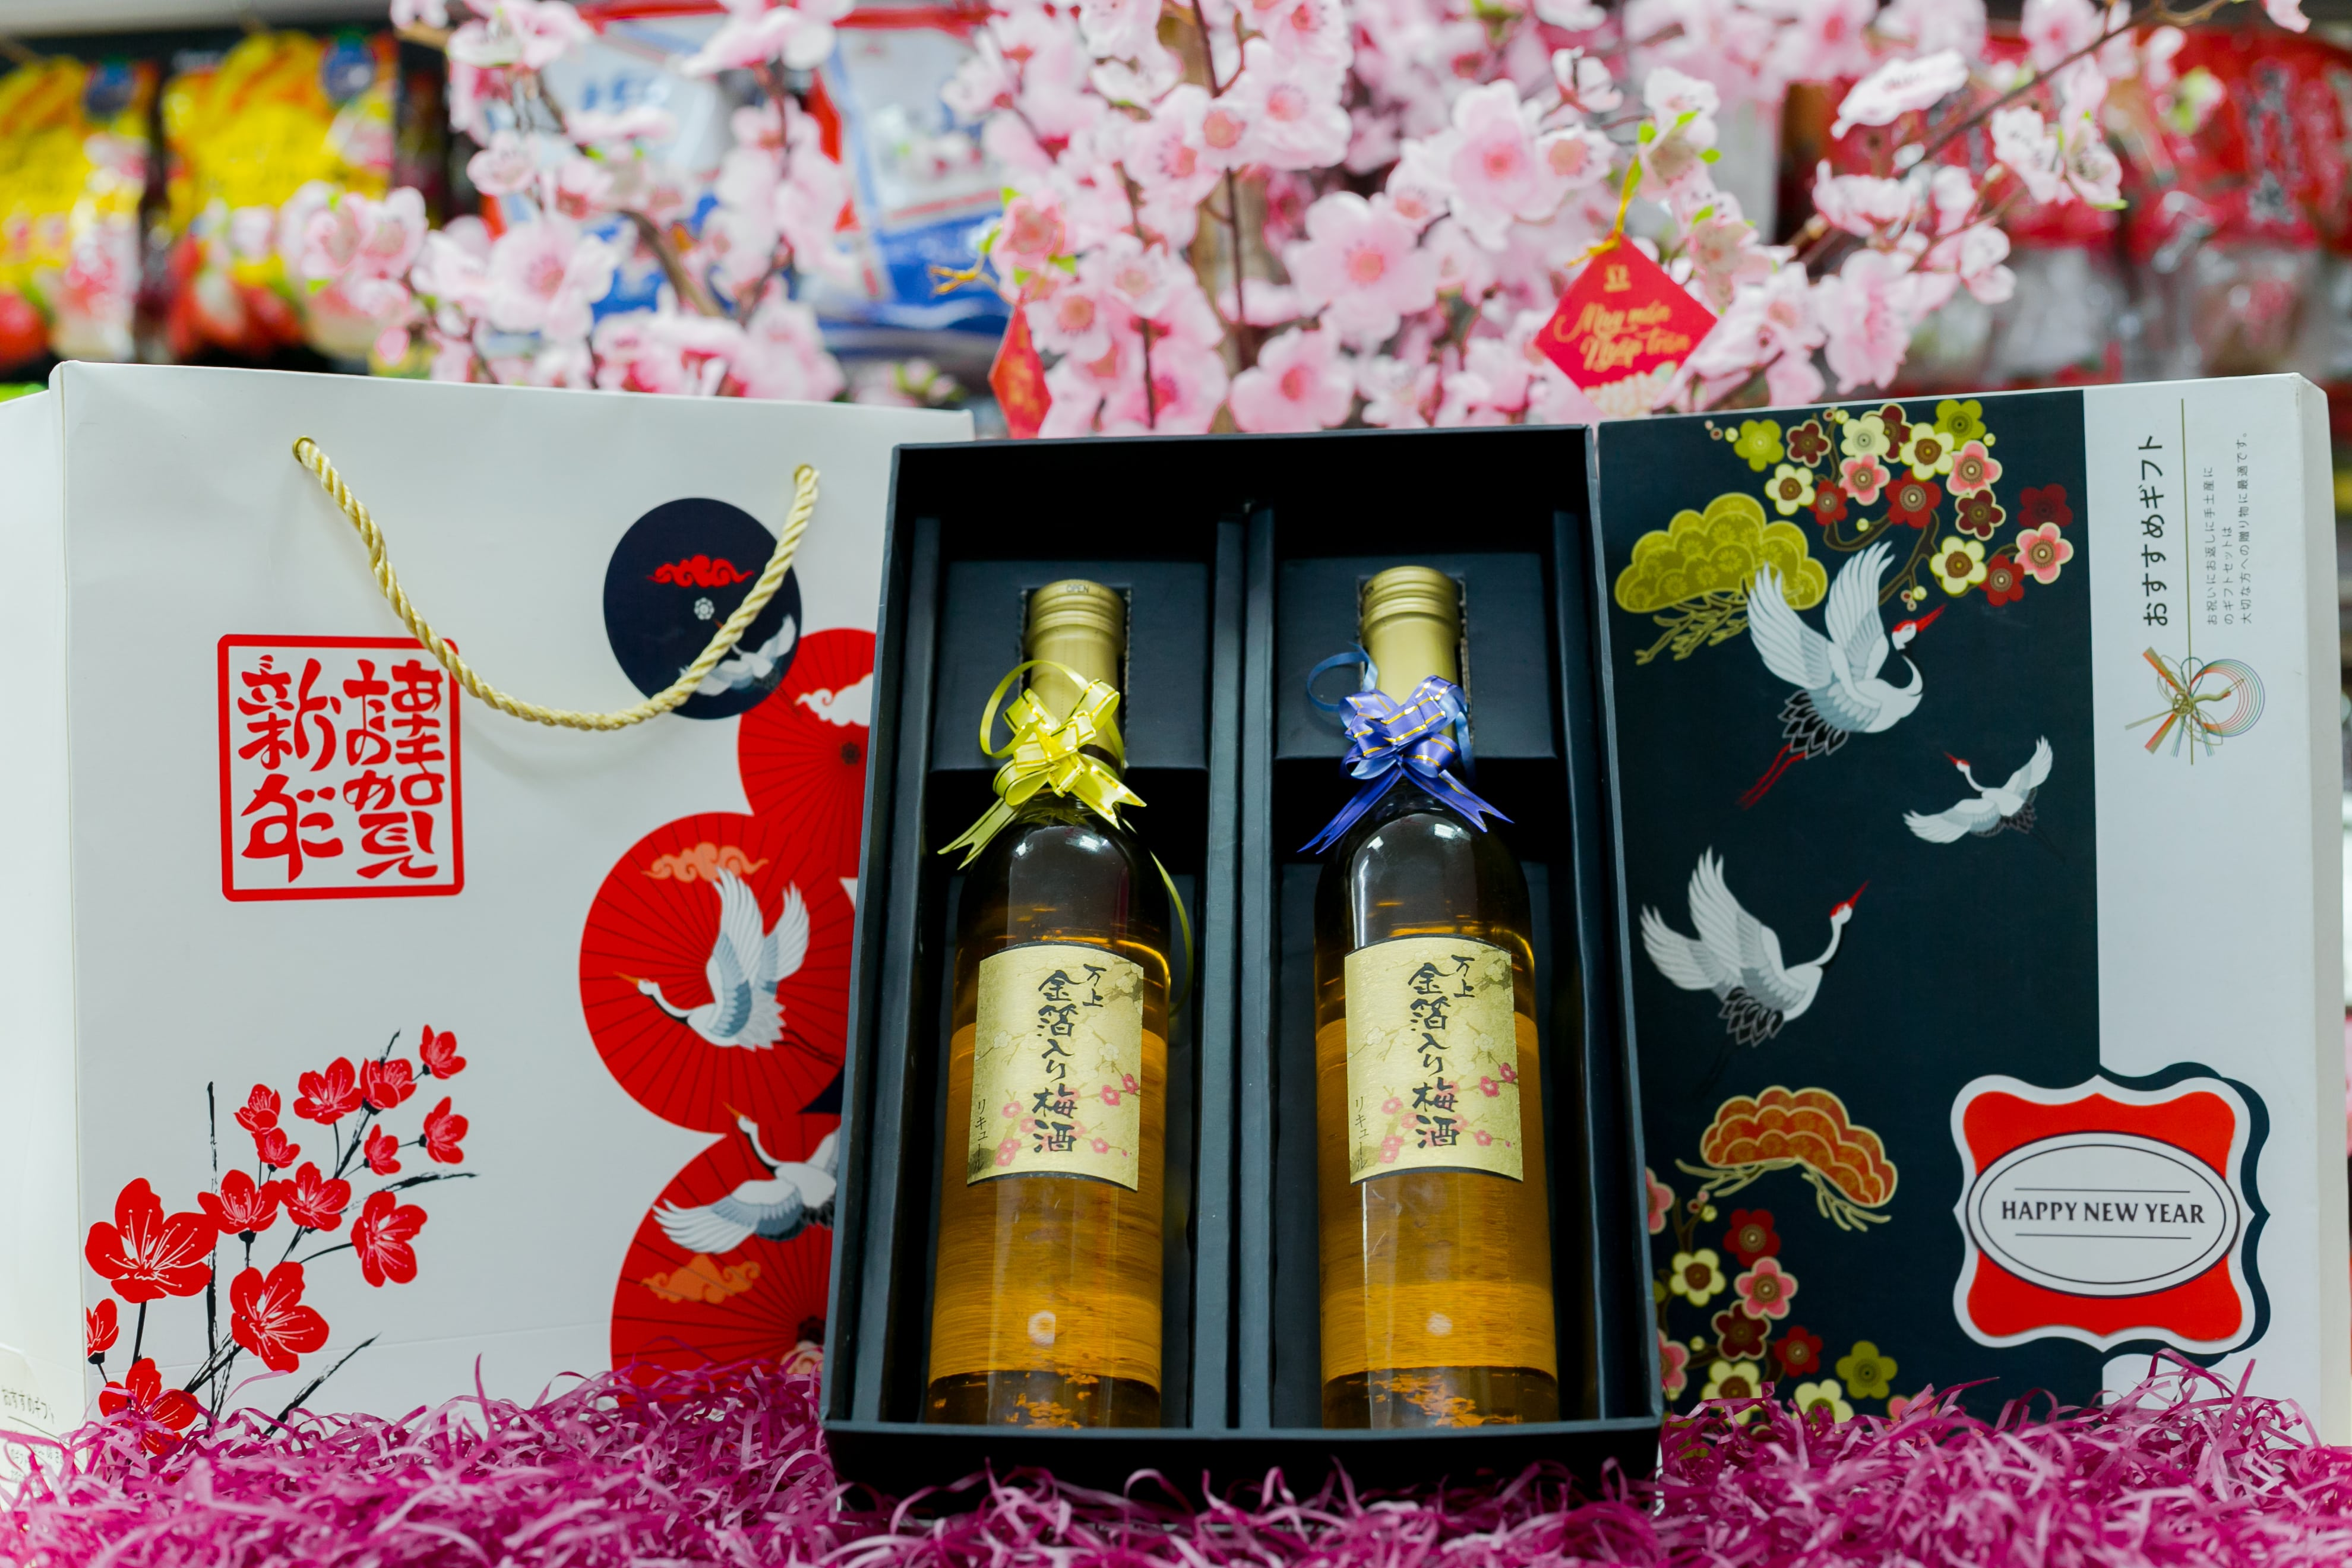 Hộp rượu cao cấp: set 2 Rượu mơ vảy vàng Kikkoman 500ml